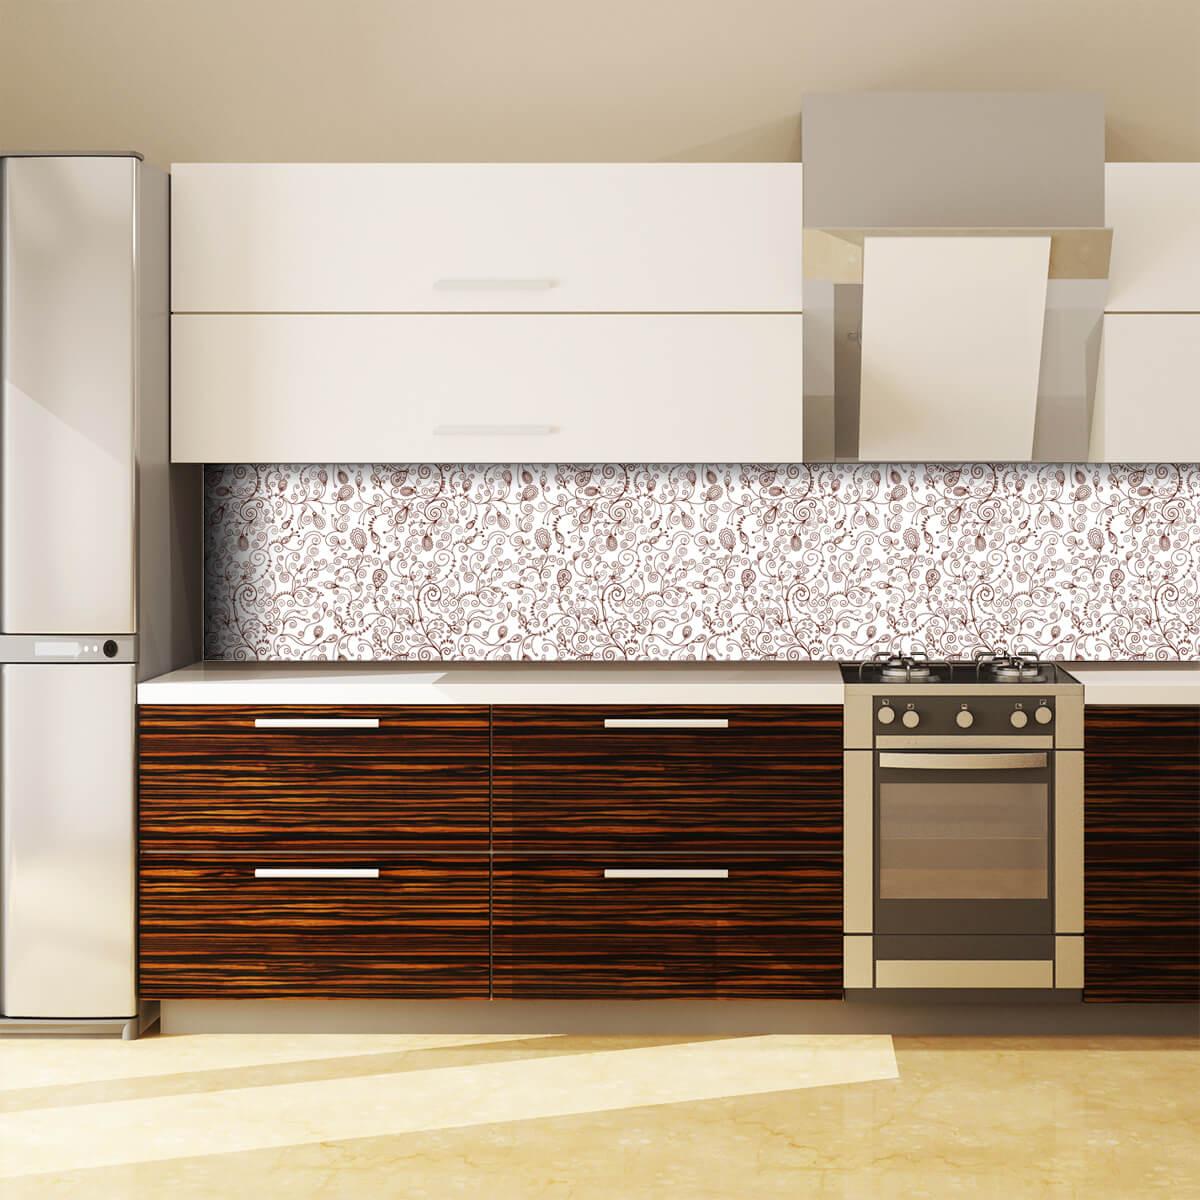 Küchenrückwand aus Glas Filigran 989704886